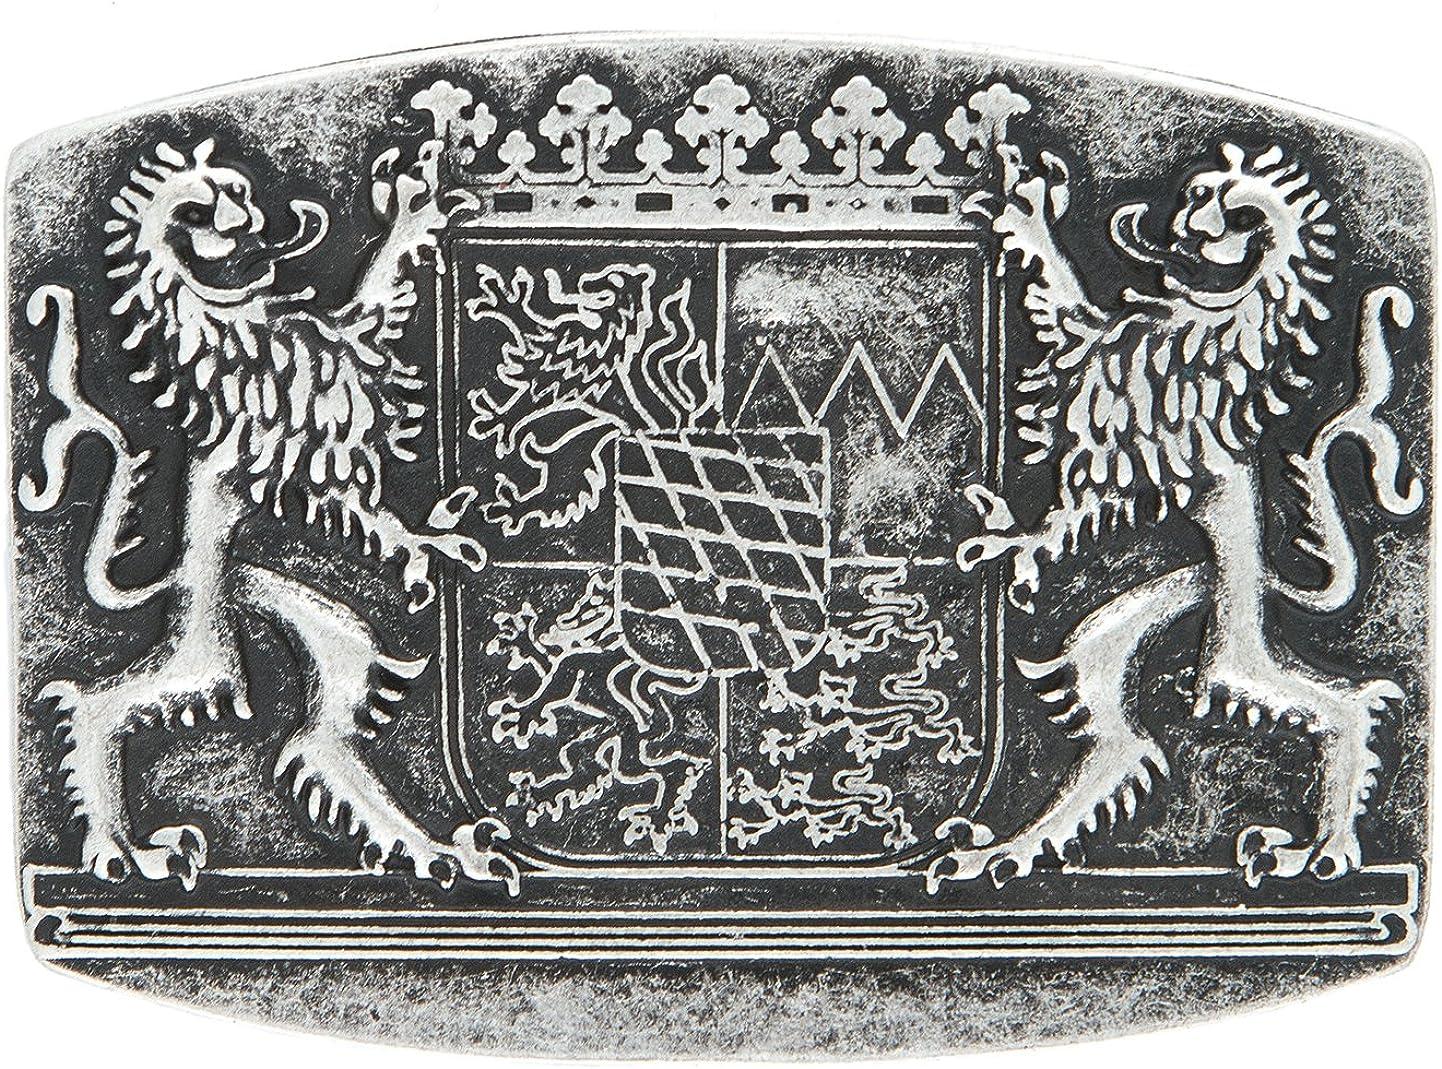 G/ürtelschliesse Landeswappen silber Bayrische G/ürtelschnalle Bayern Wappen Tracht Buckle eckig Bayern Farbe